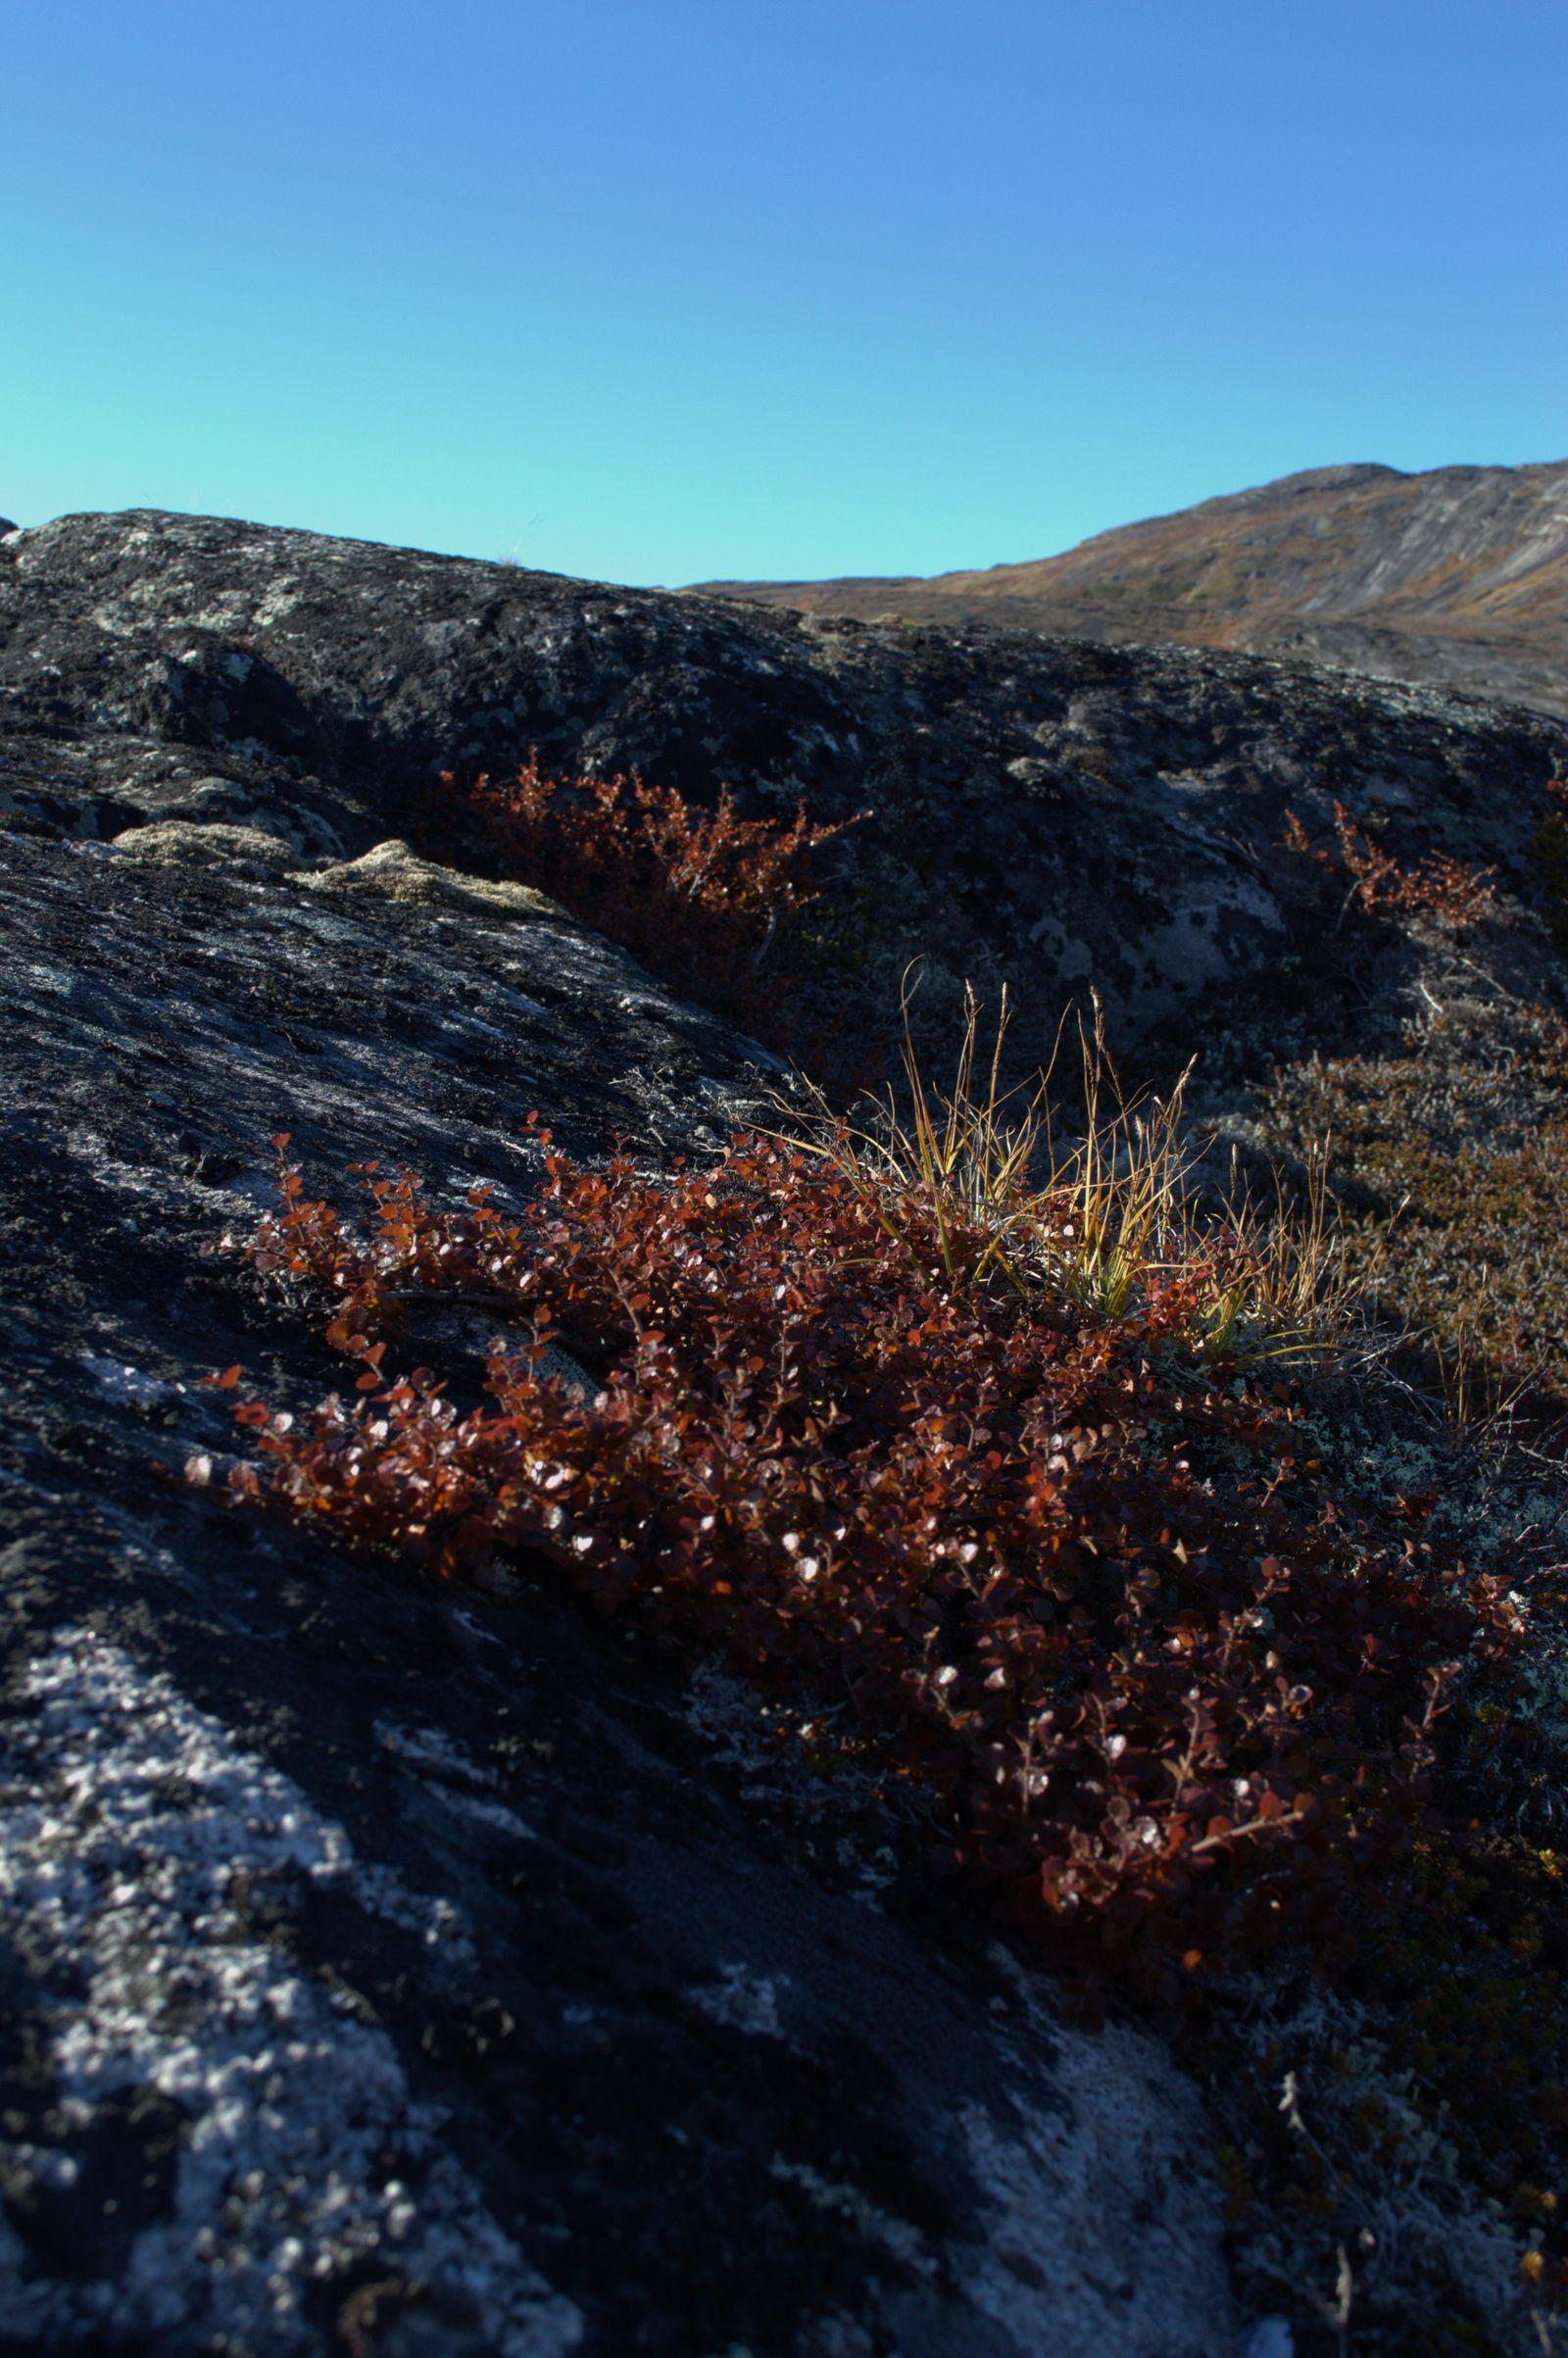 2013-09-21-1455_-_2013-09-20_qussuk_vegetation